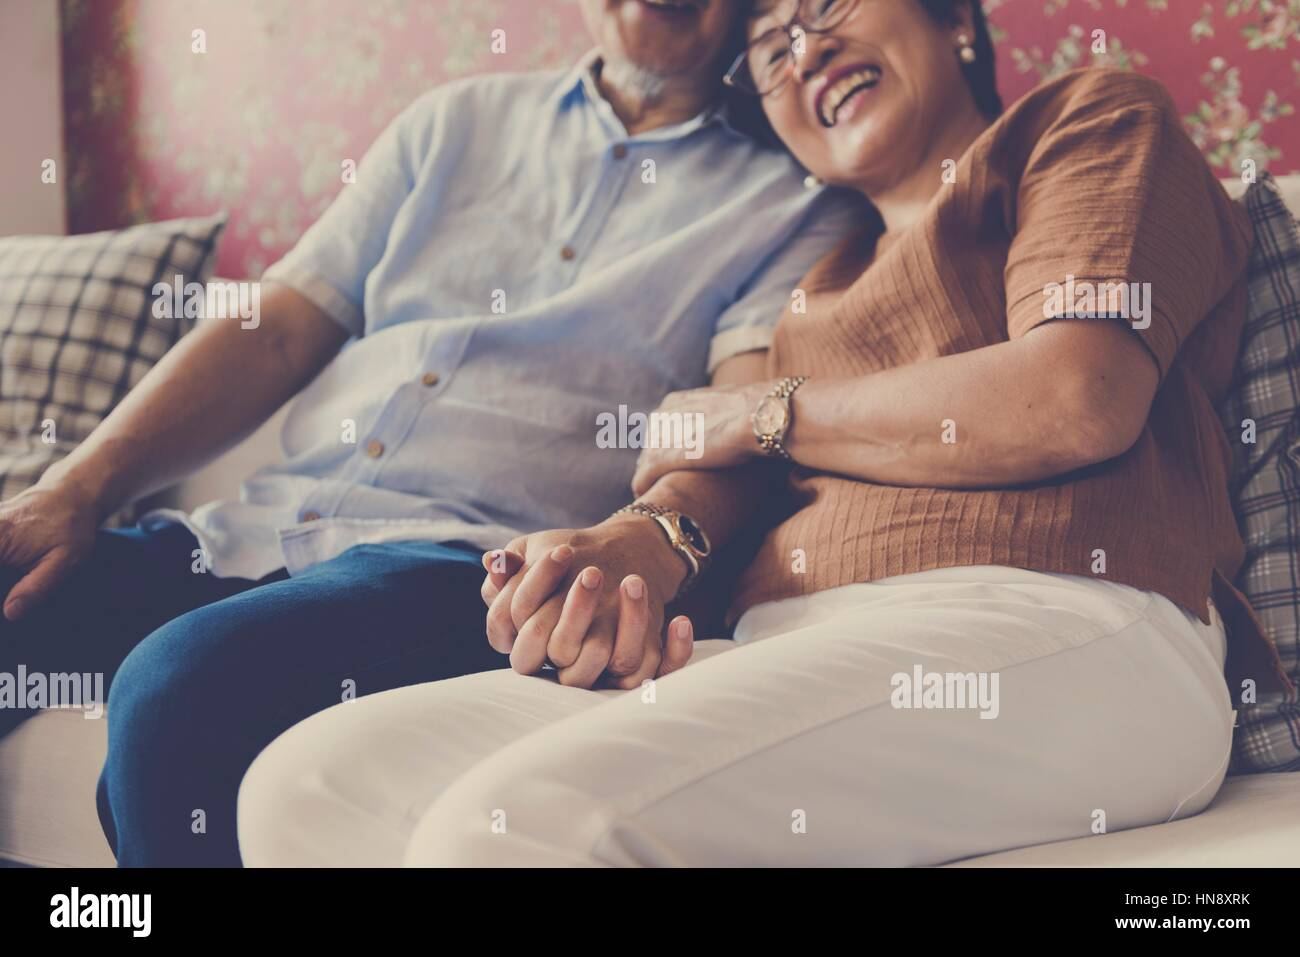 Pegado de la familia afecto Relación Casual Imagen De Stock